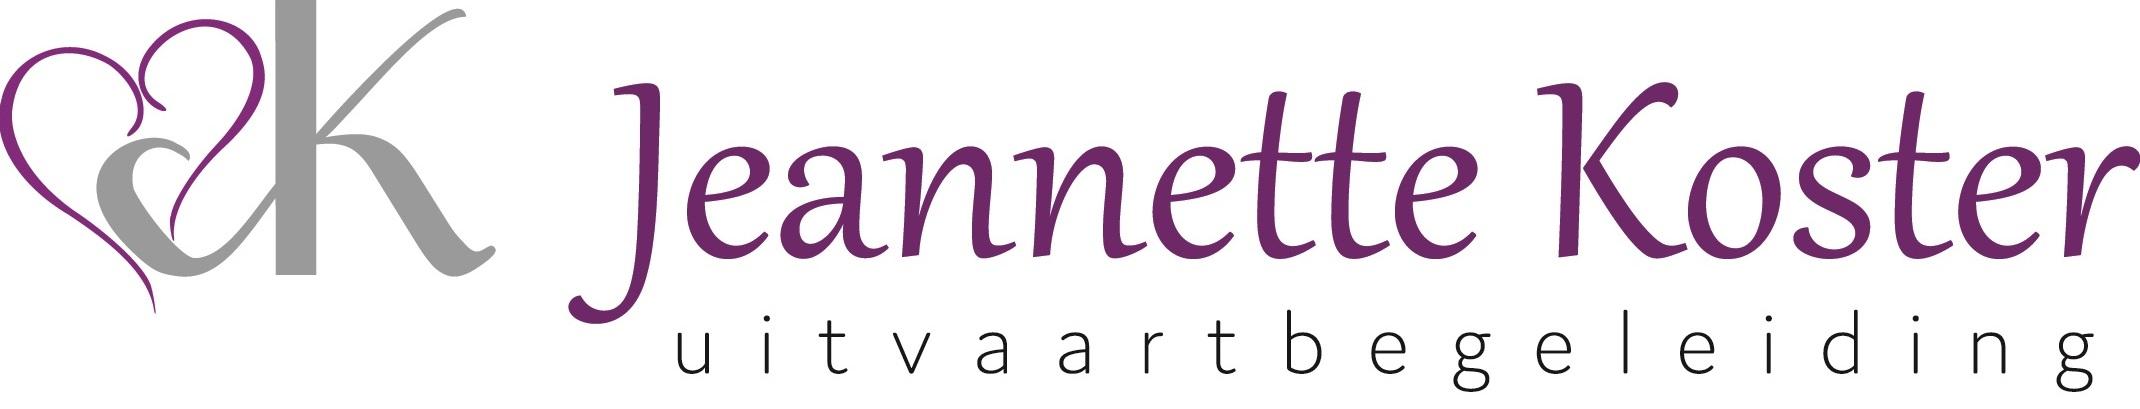 Jeannette Koster Uitvaartbegeleiding logo